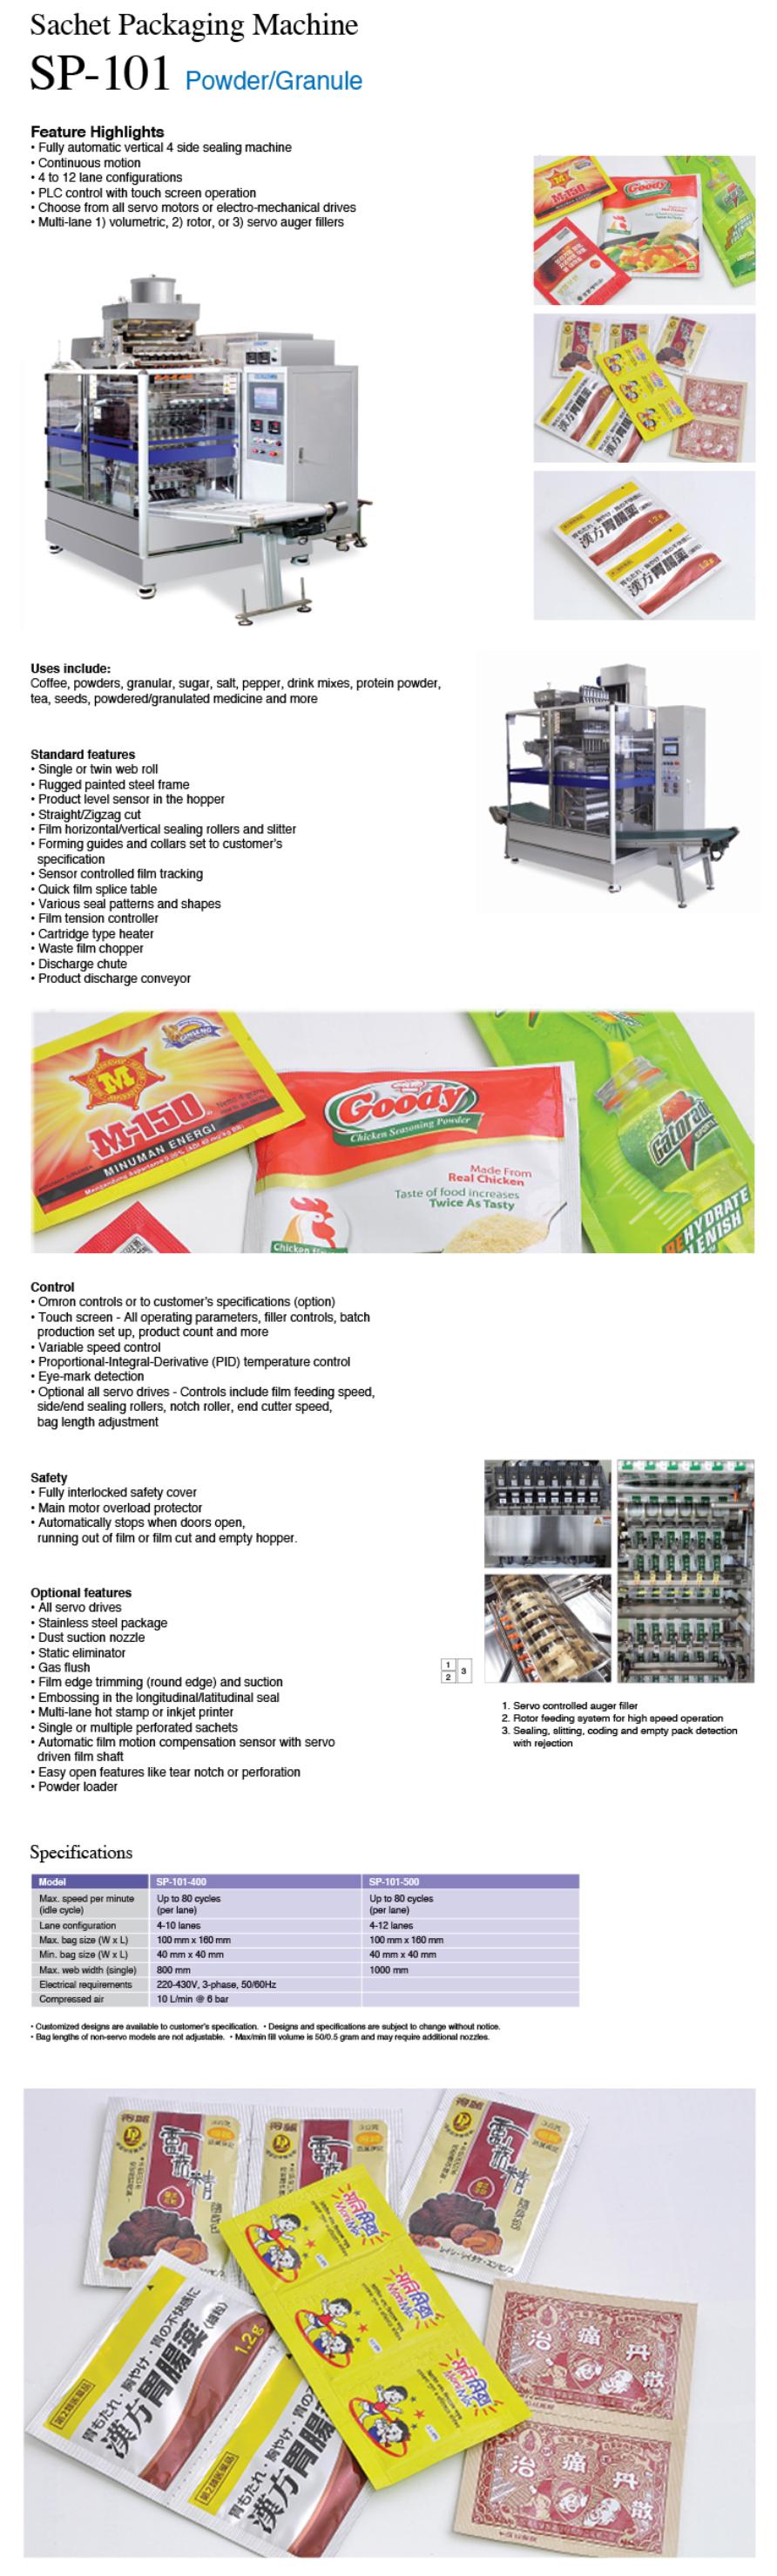 SOLPAC PACKAGING SOLUTION Sachet Packaging Machine (Powder / Granule) SP-101